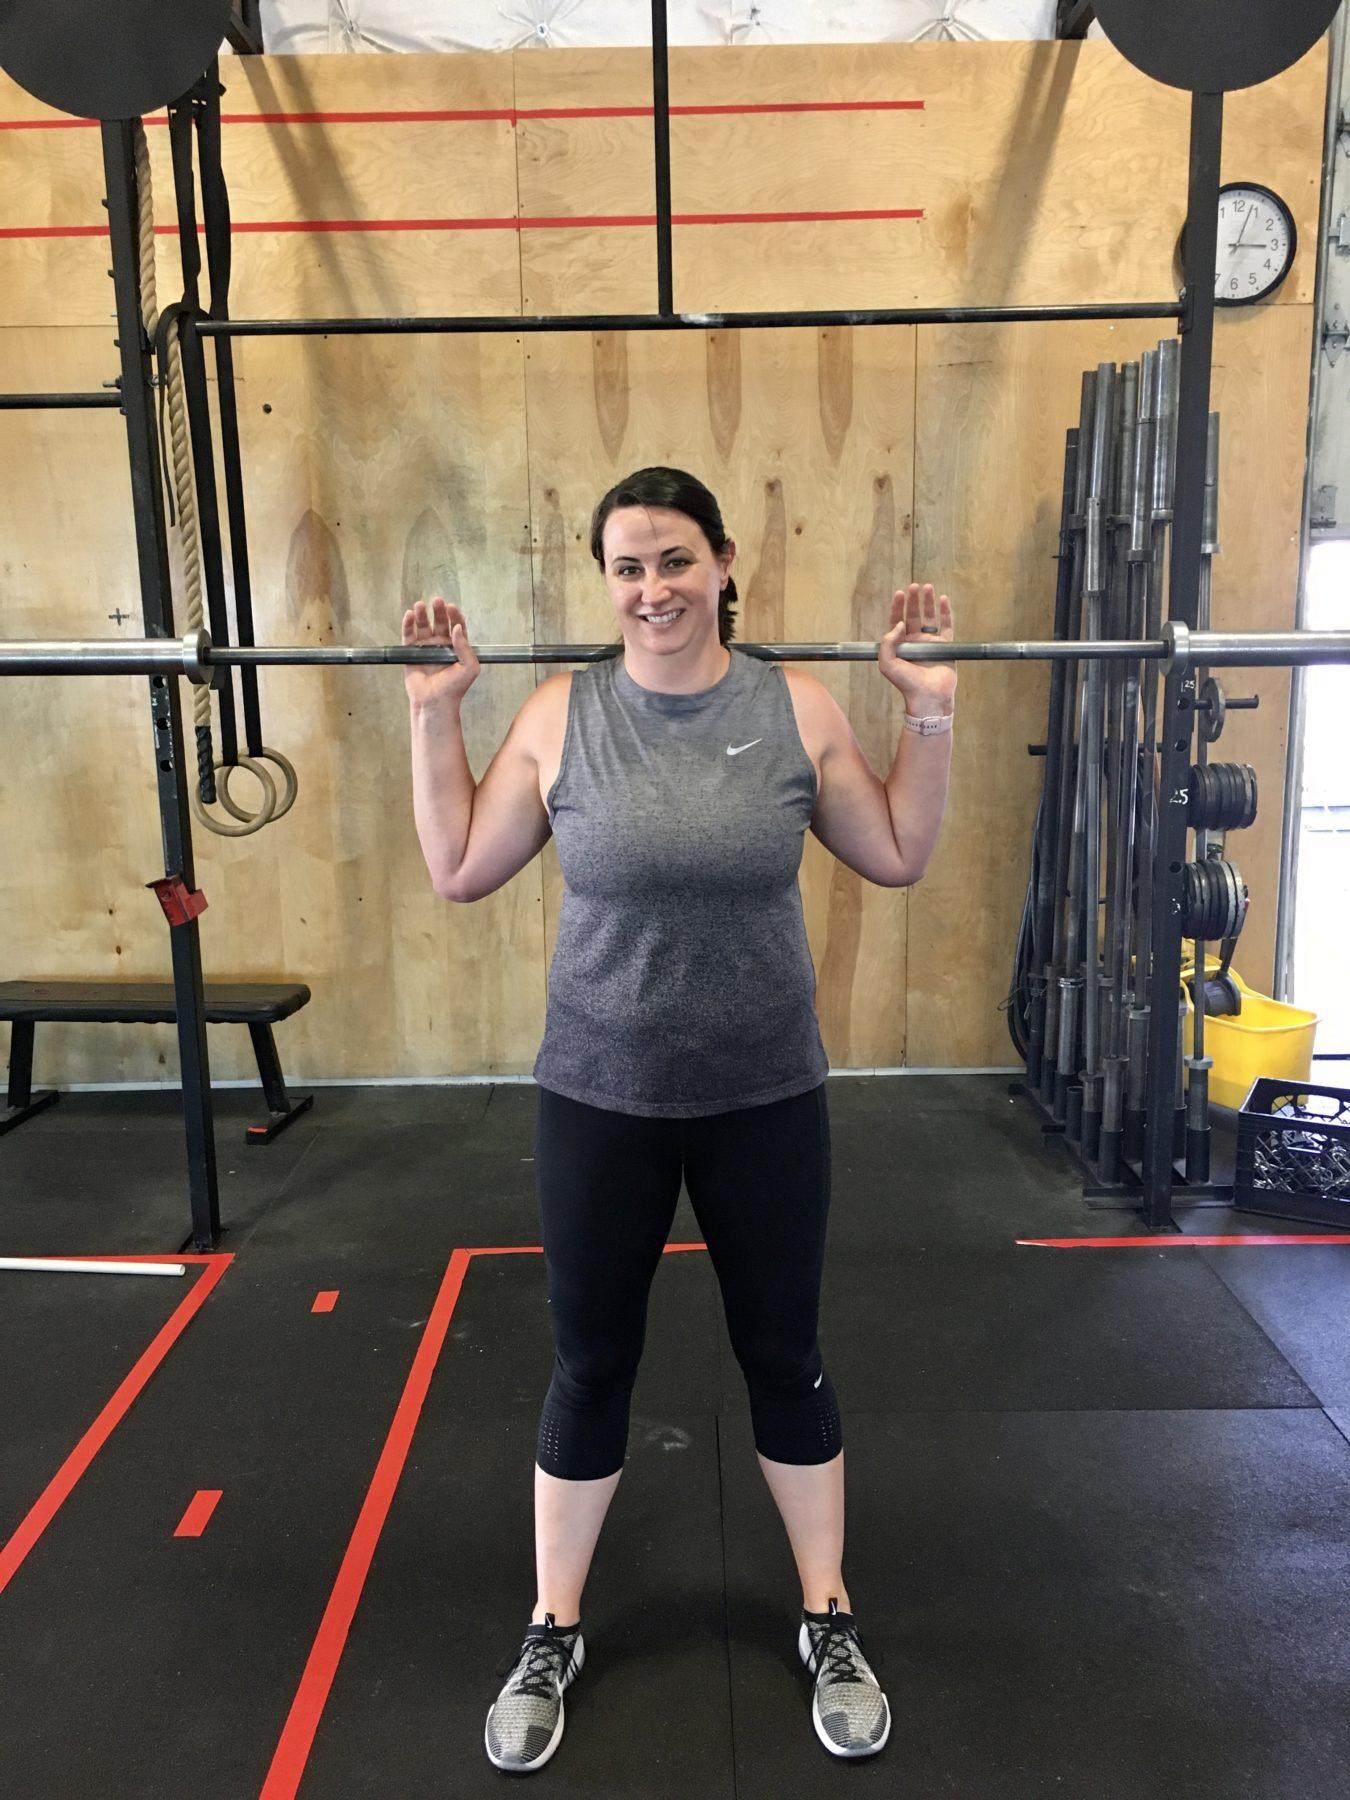 Sarah Holmans success story